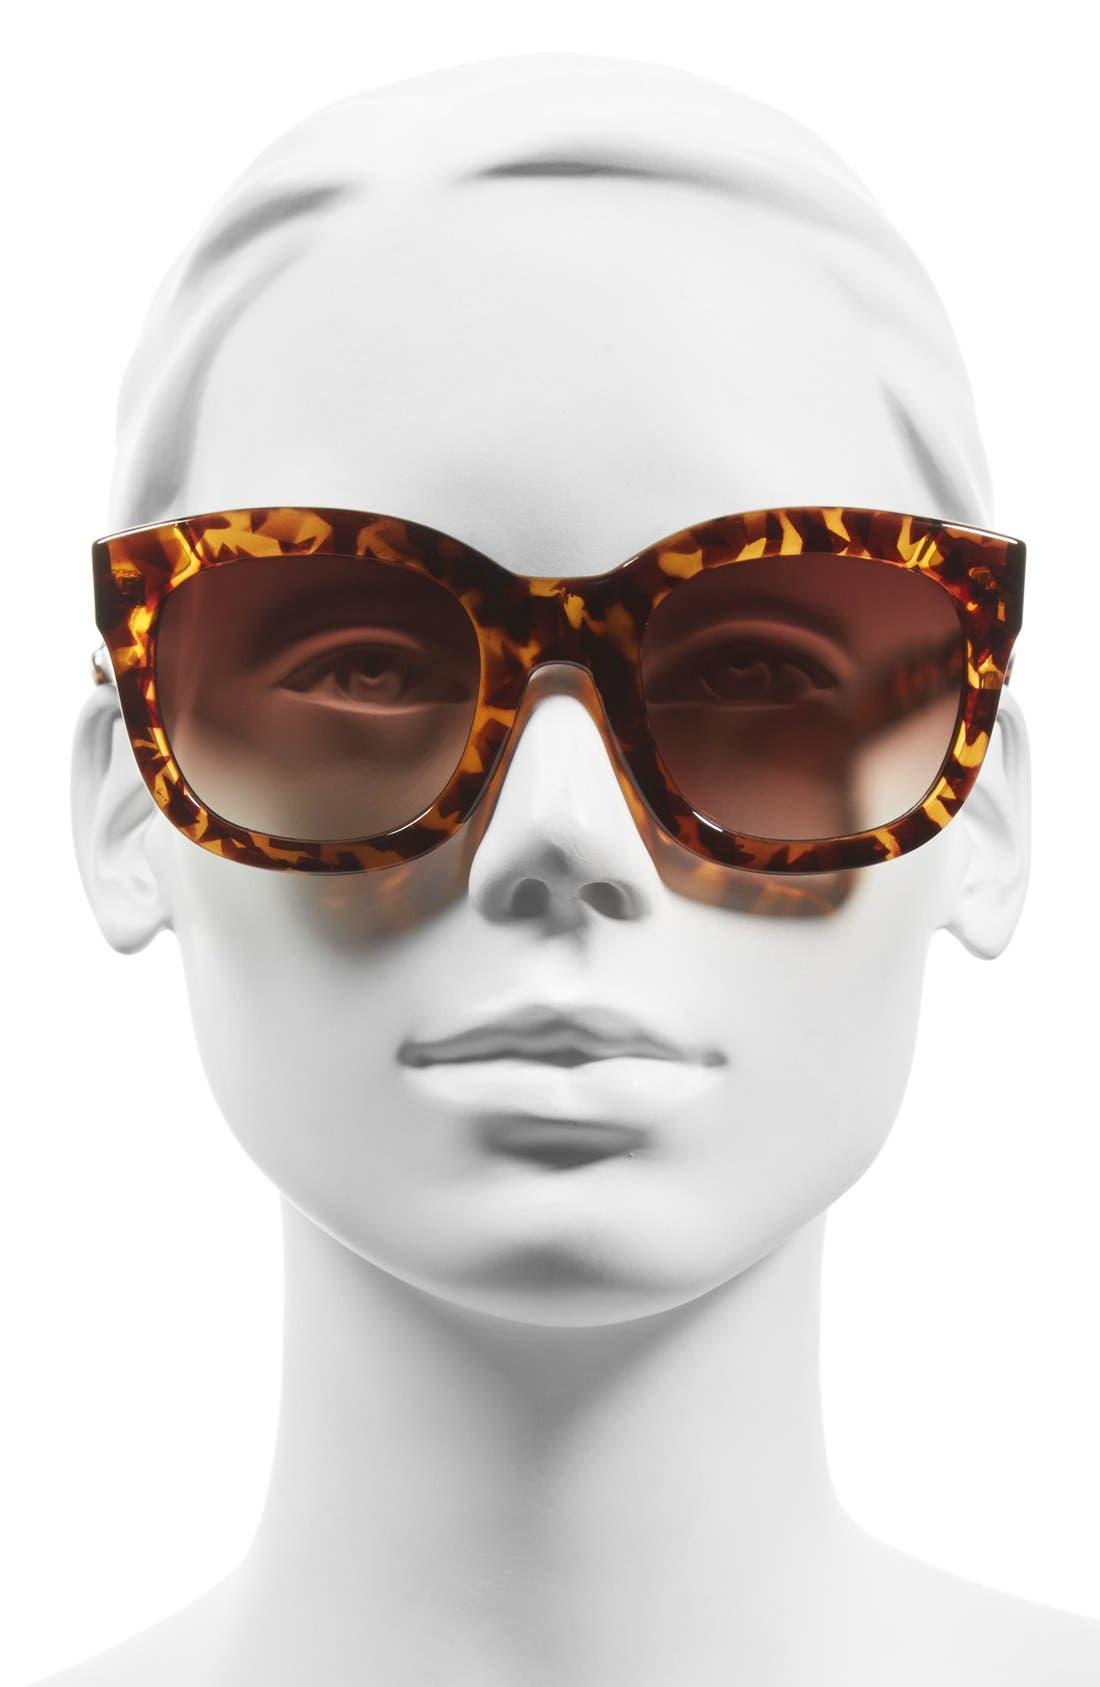 'Feline' 54mm Oversized Cat Eye Sunglasses,                             Alternate thumbnail 2, color,                             200